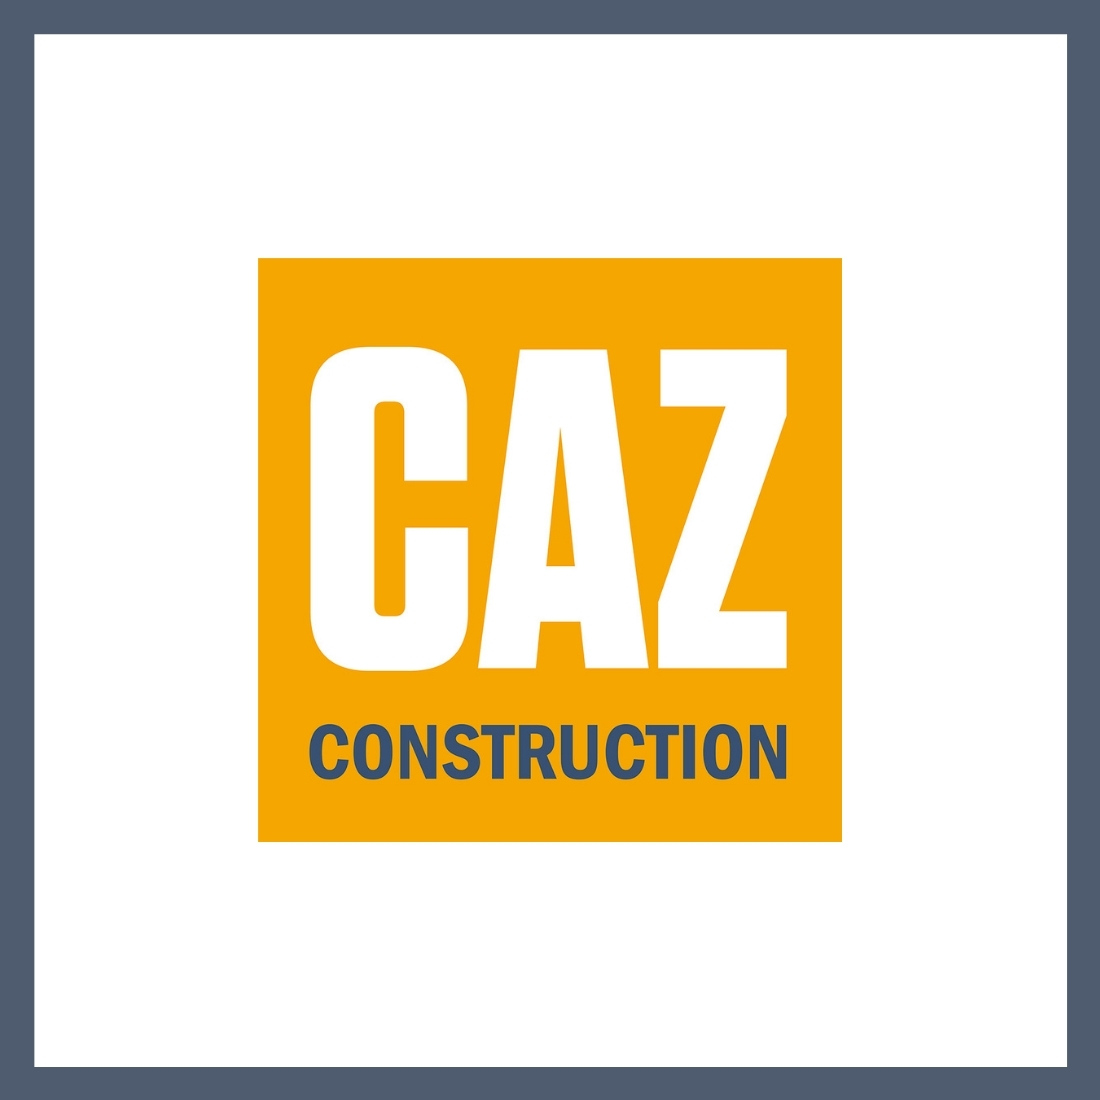 Caz Construction | Flexure Group